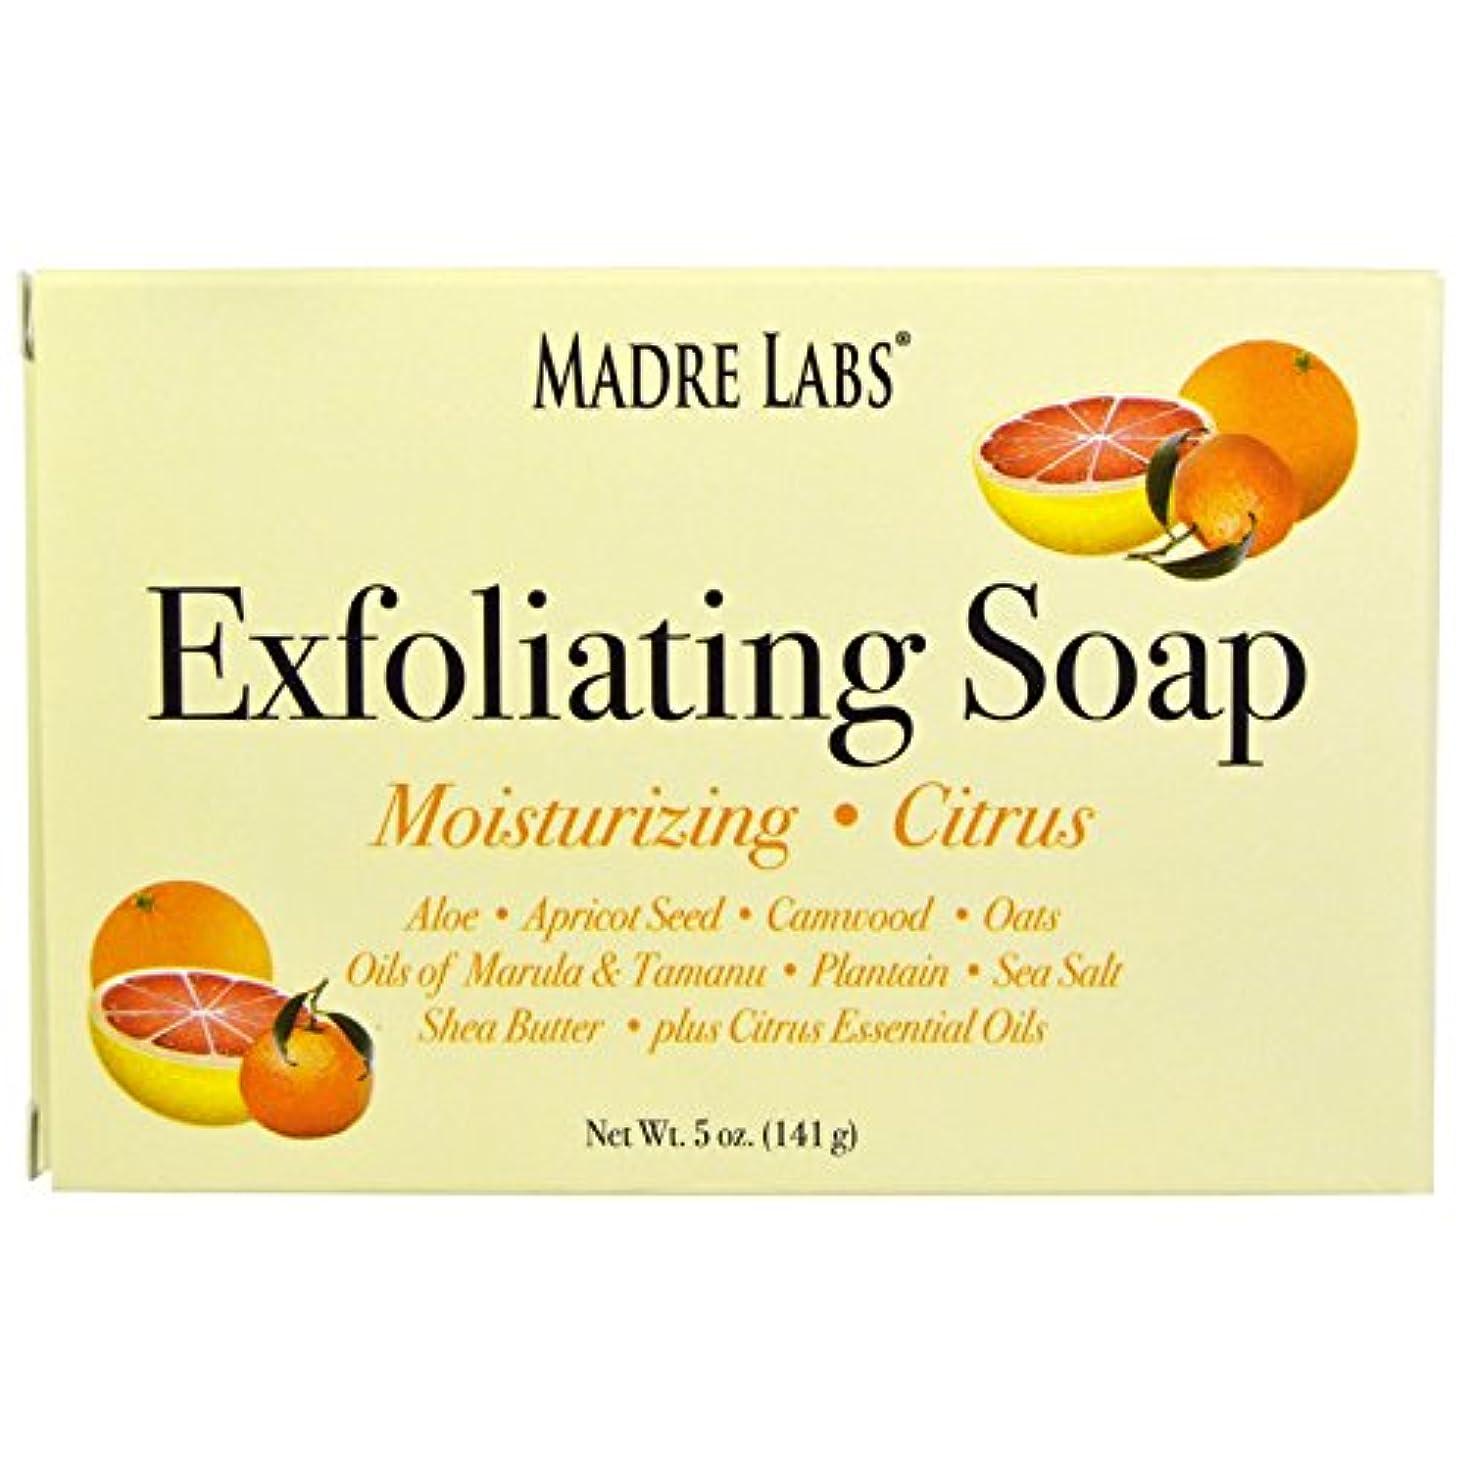 不利燃料受取人マドレラブ シアバター入り石鹸 柑橘フレーバー Madre Labs Exfoliating Soap Bar with Marula & Tamanu Oils plus Shea Butter